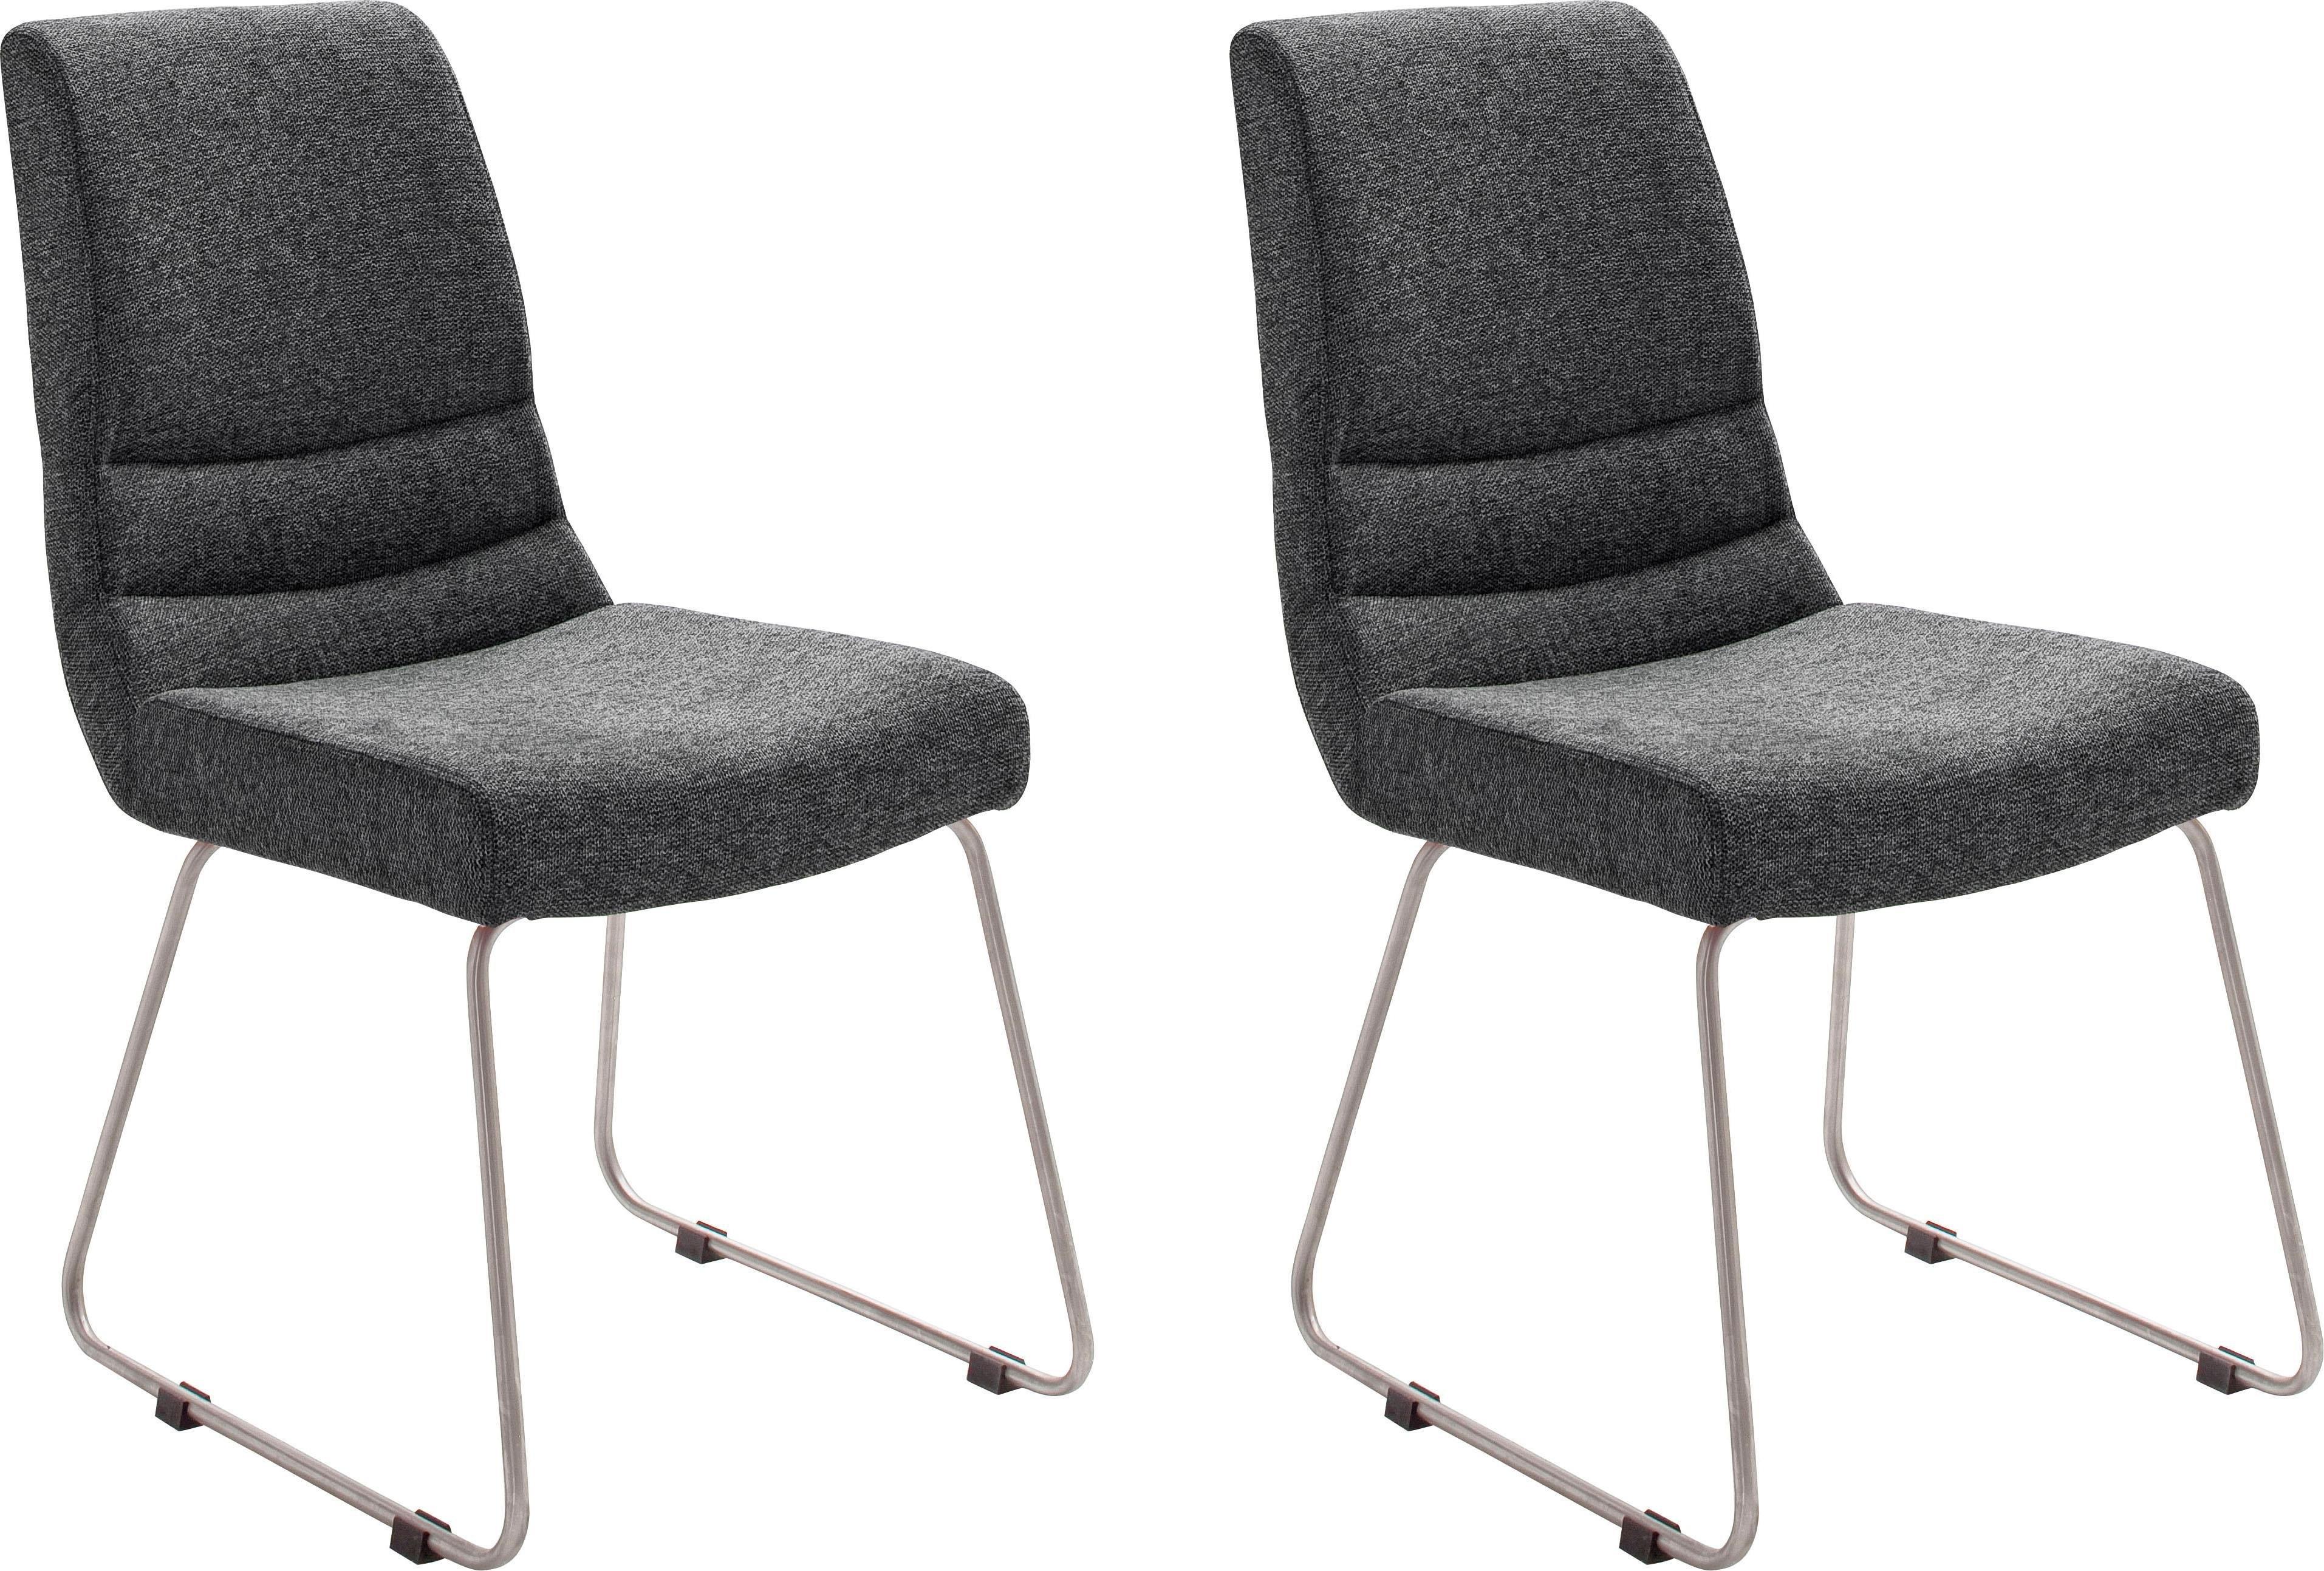 MCA furniture stoel MONTERA Stoel belastbaar tot 140 Kg (set, 2 stuks) online kopen op otto.nl